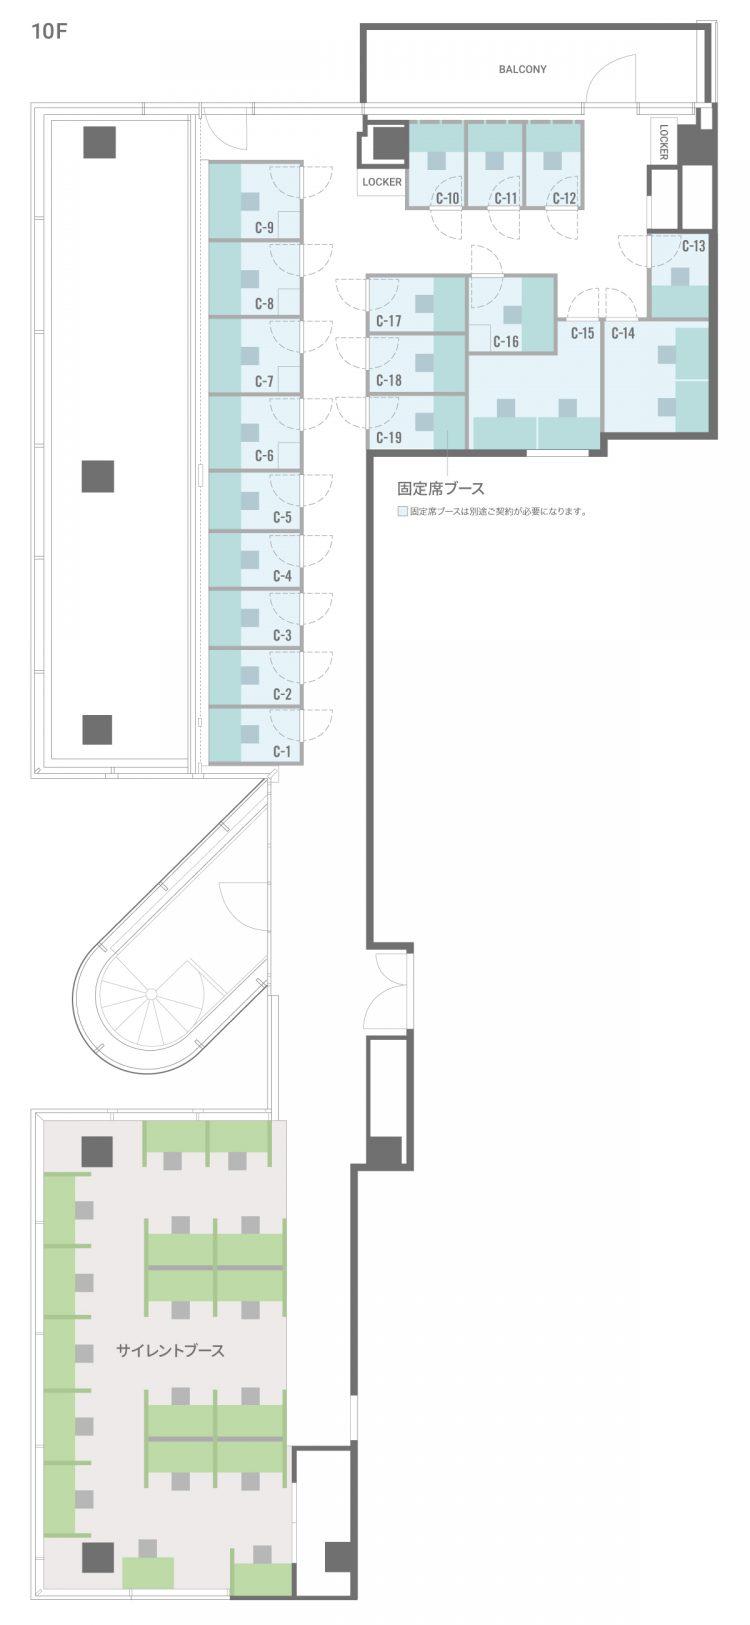 BIZcomfort三条木屋町【7月1日オープン】の10Fのフロアマップ